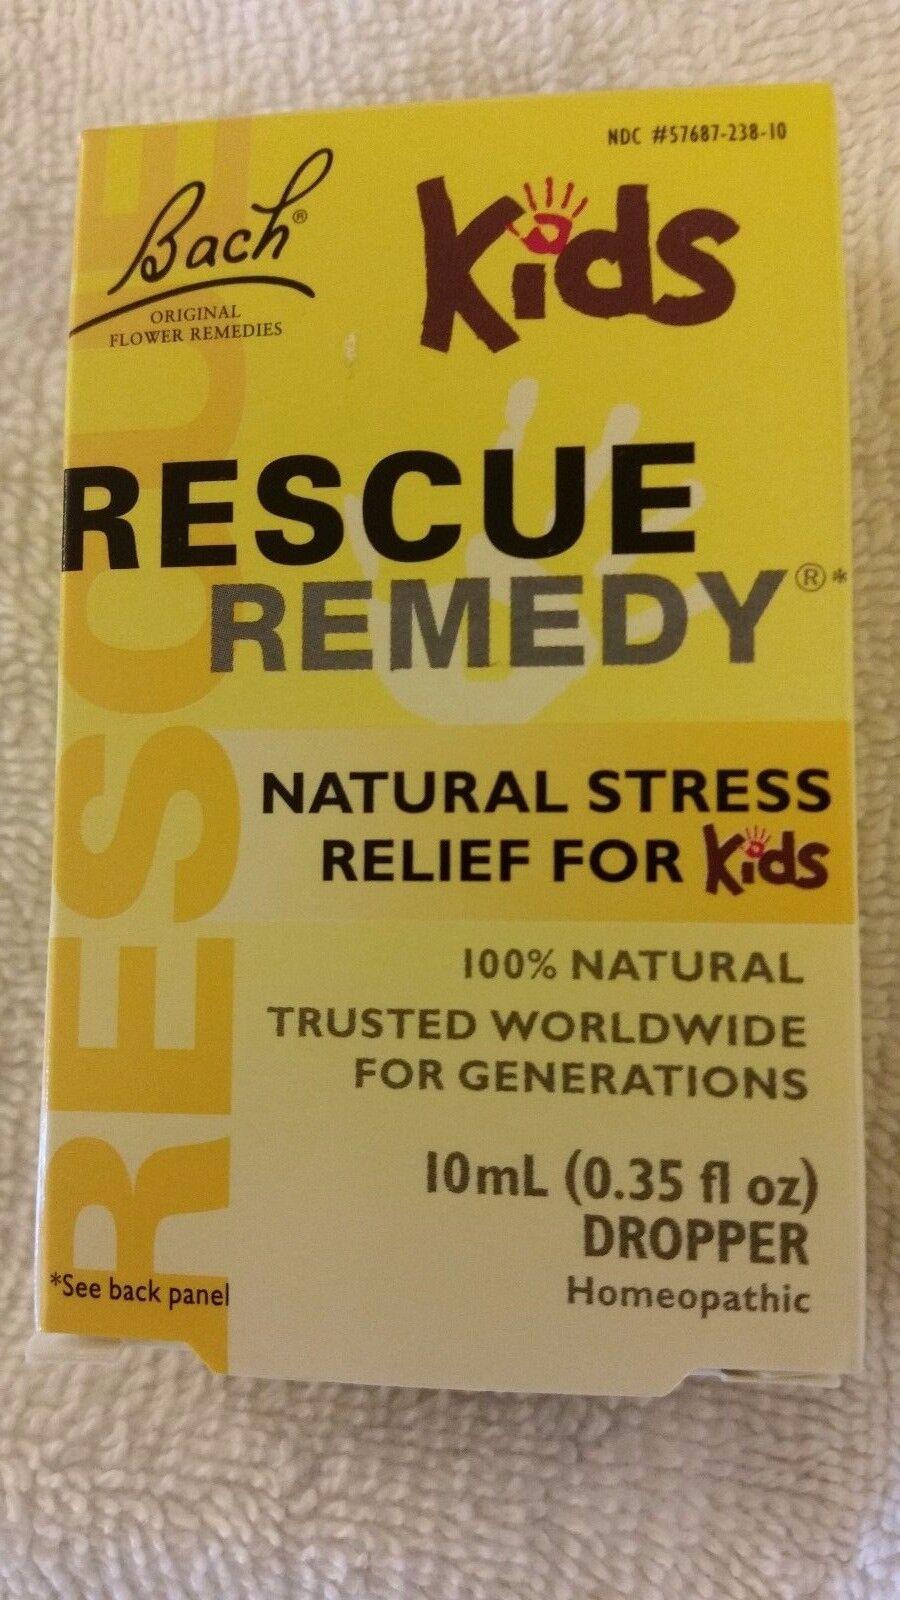 De Bach Original Flower Remedies ENFANTS Rescue Remedy Stress Relief naturel pour les enfants